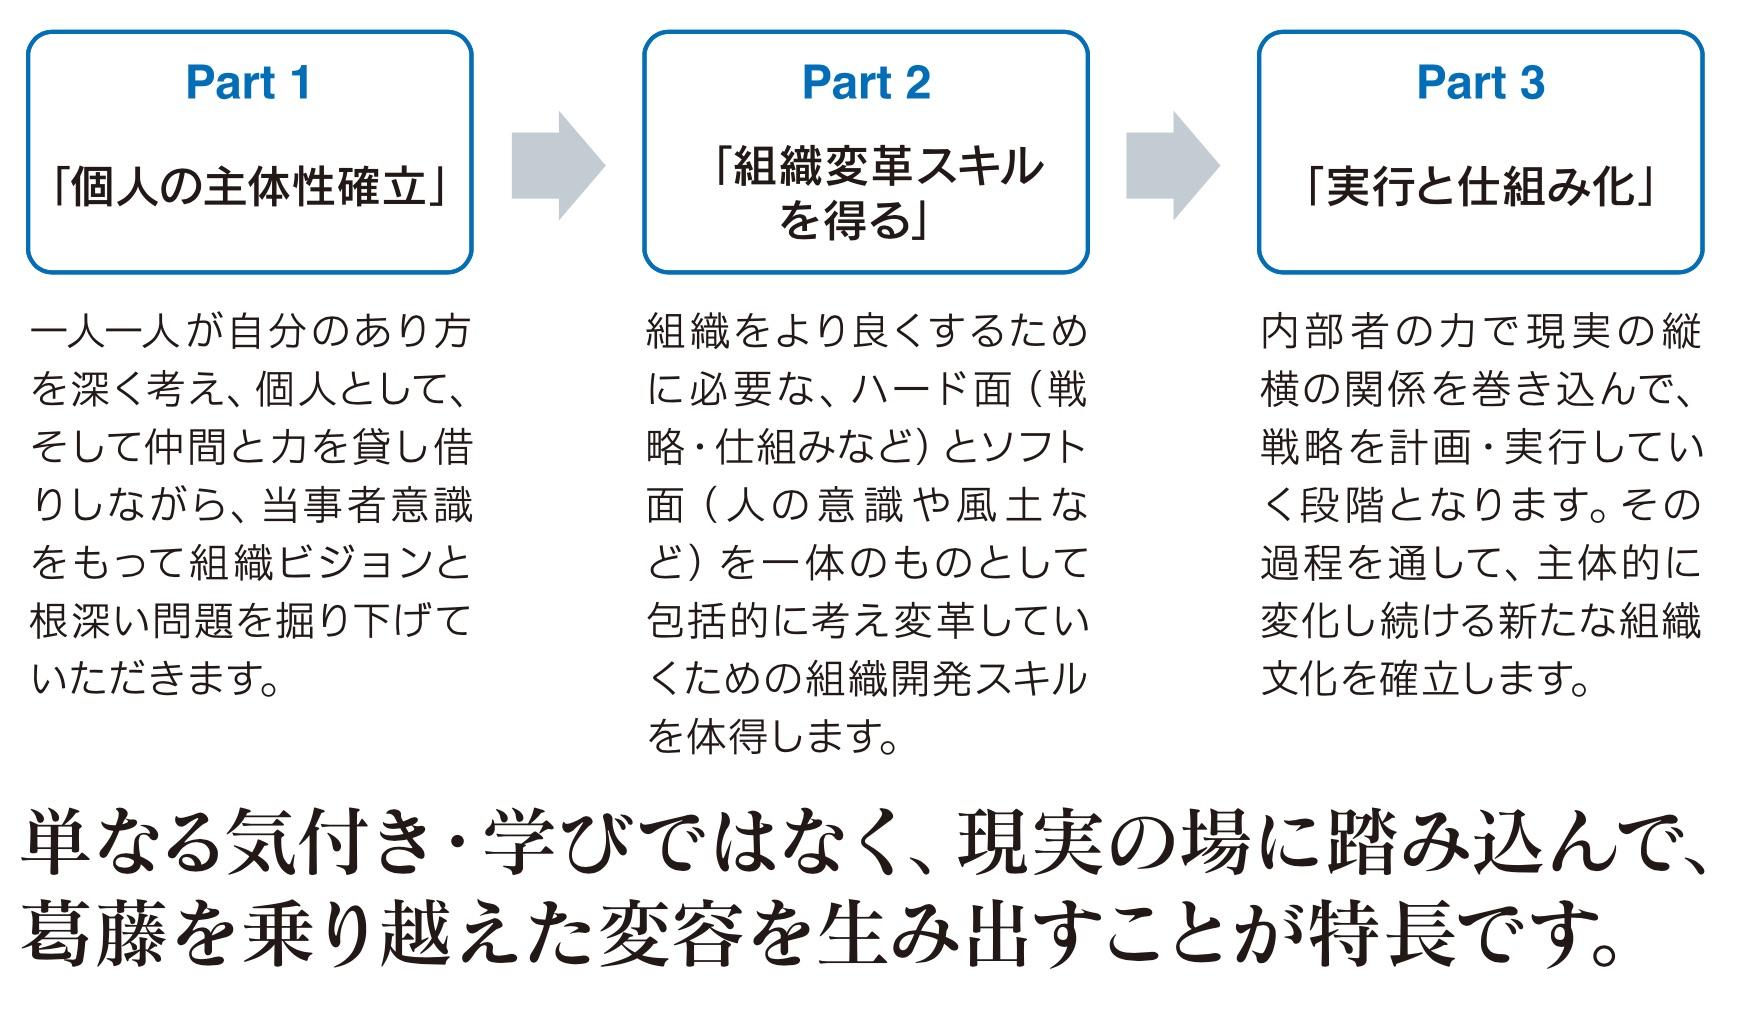 CCIプログラムによる「戦略をやりきる企業文化」づくり